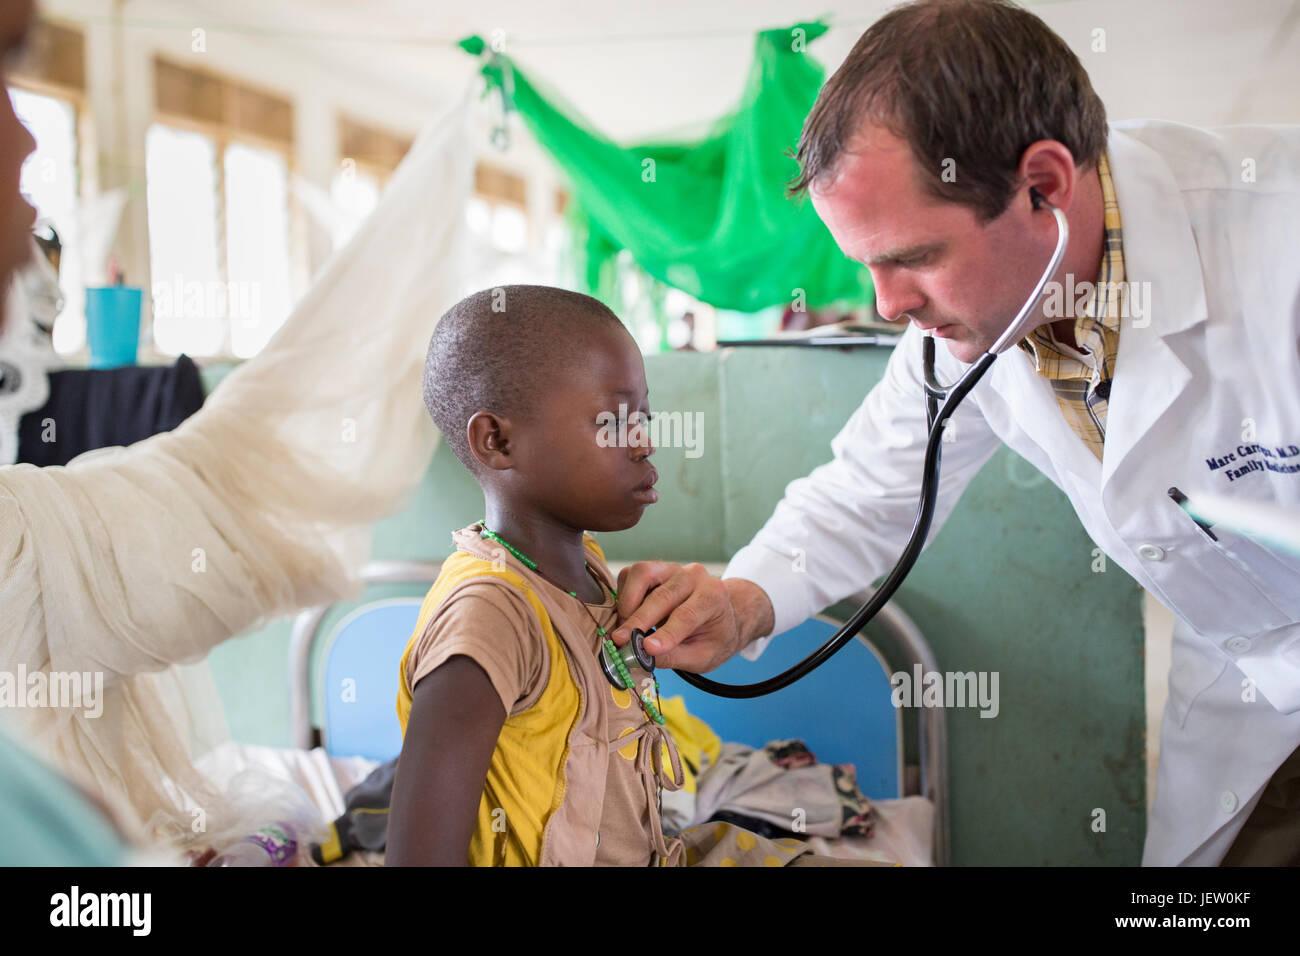 Un expat medico missionario lavora al reparto pediatrico all ospedale di Bundibugyo, Uganda. Immagini Stock